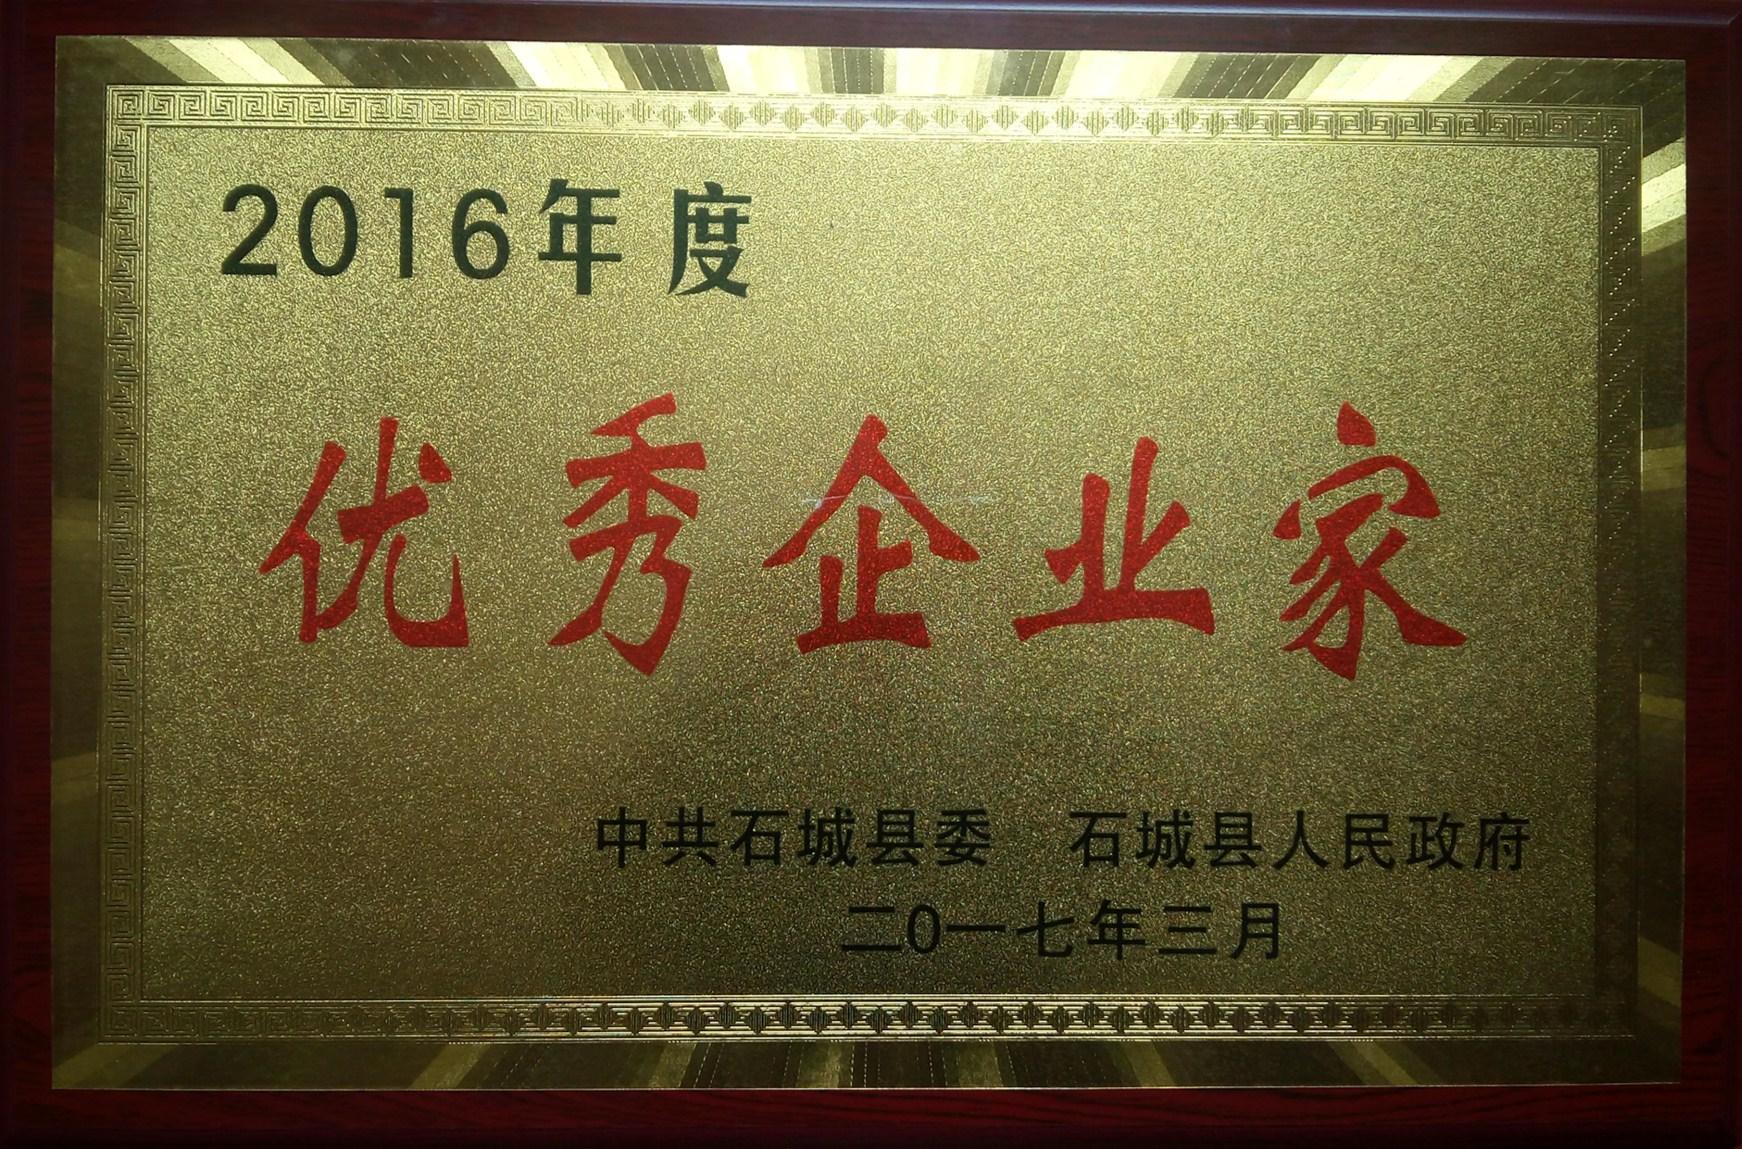 荣获2016年度优秀企业家